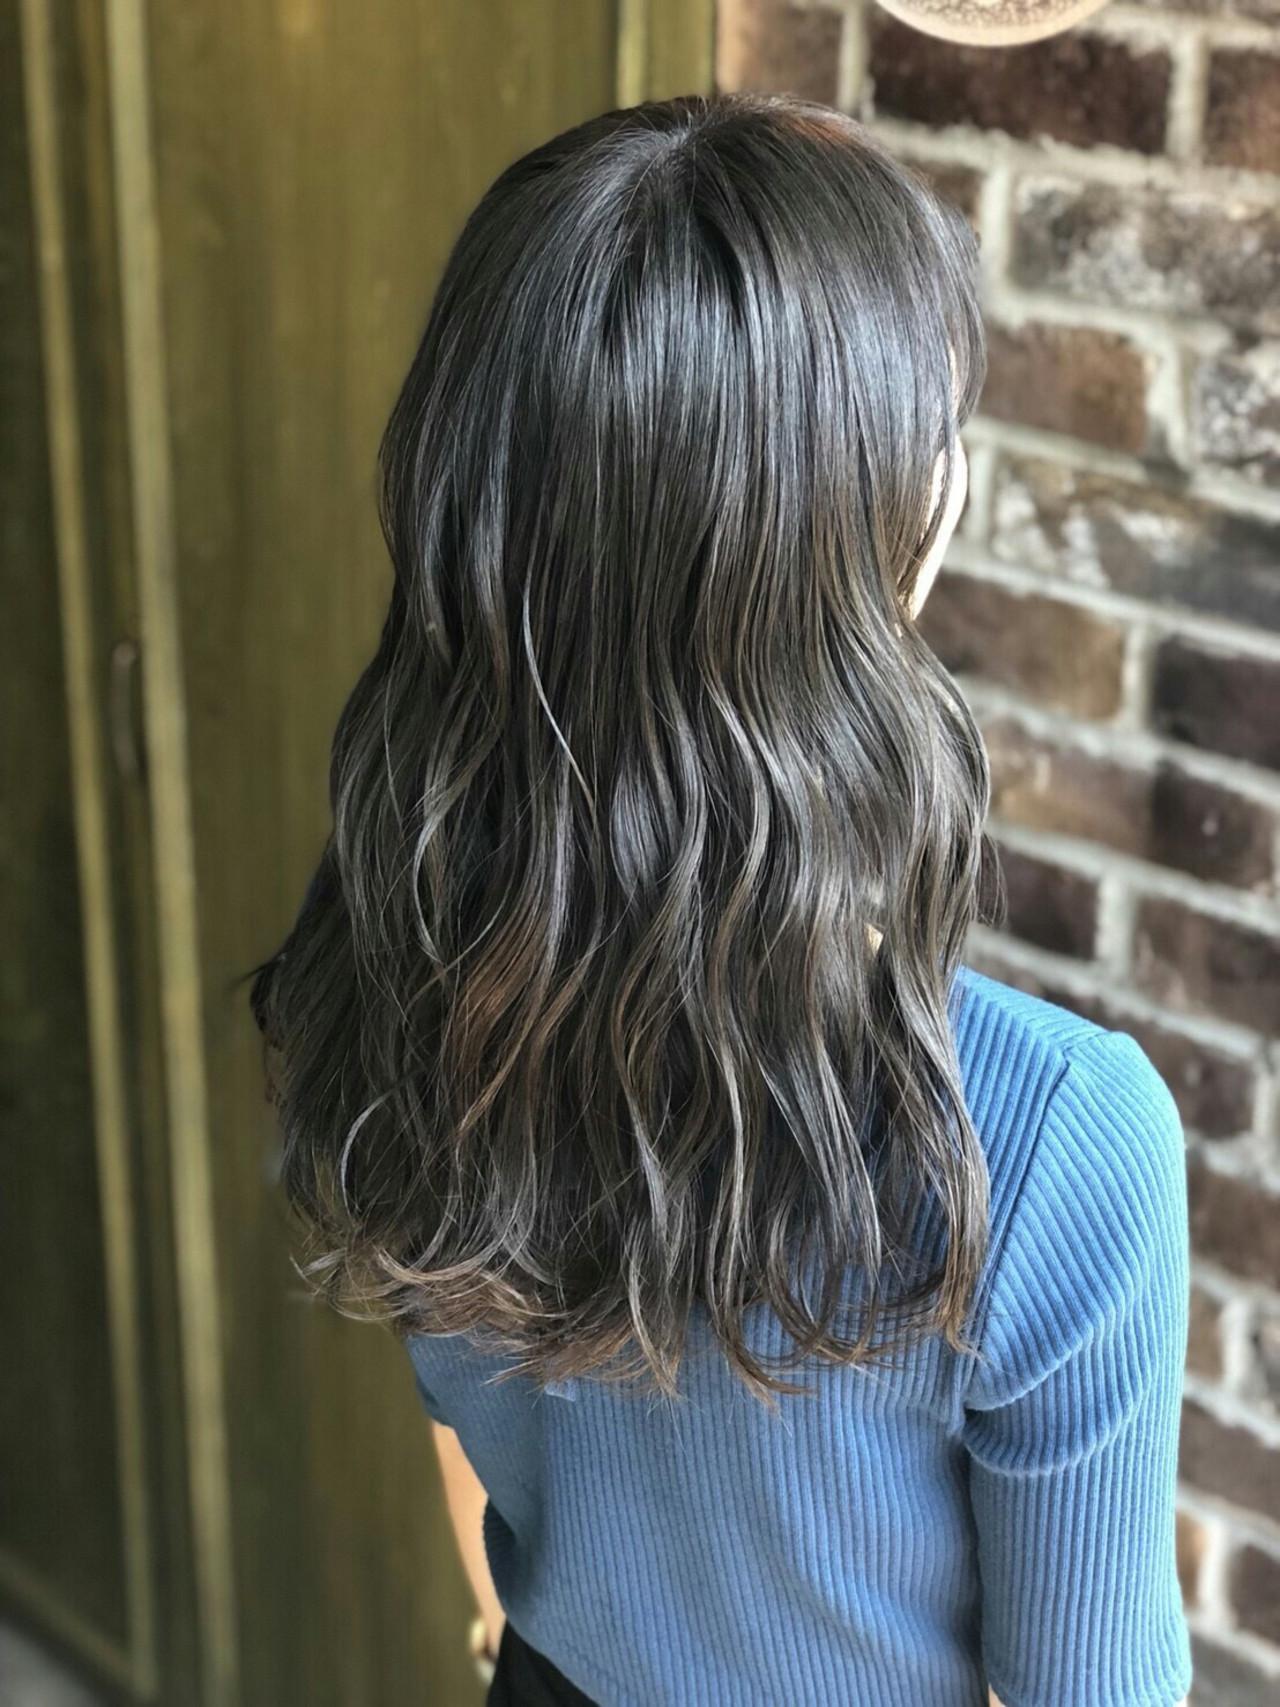 アッシュグレー セミロング 外国人風カラー グレージュ ヘアスタイルや髪型の写真・画像 | 小山雄 / Aimee 町田